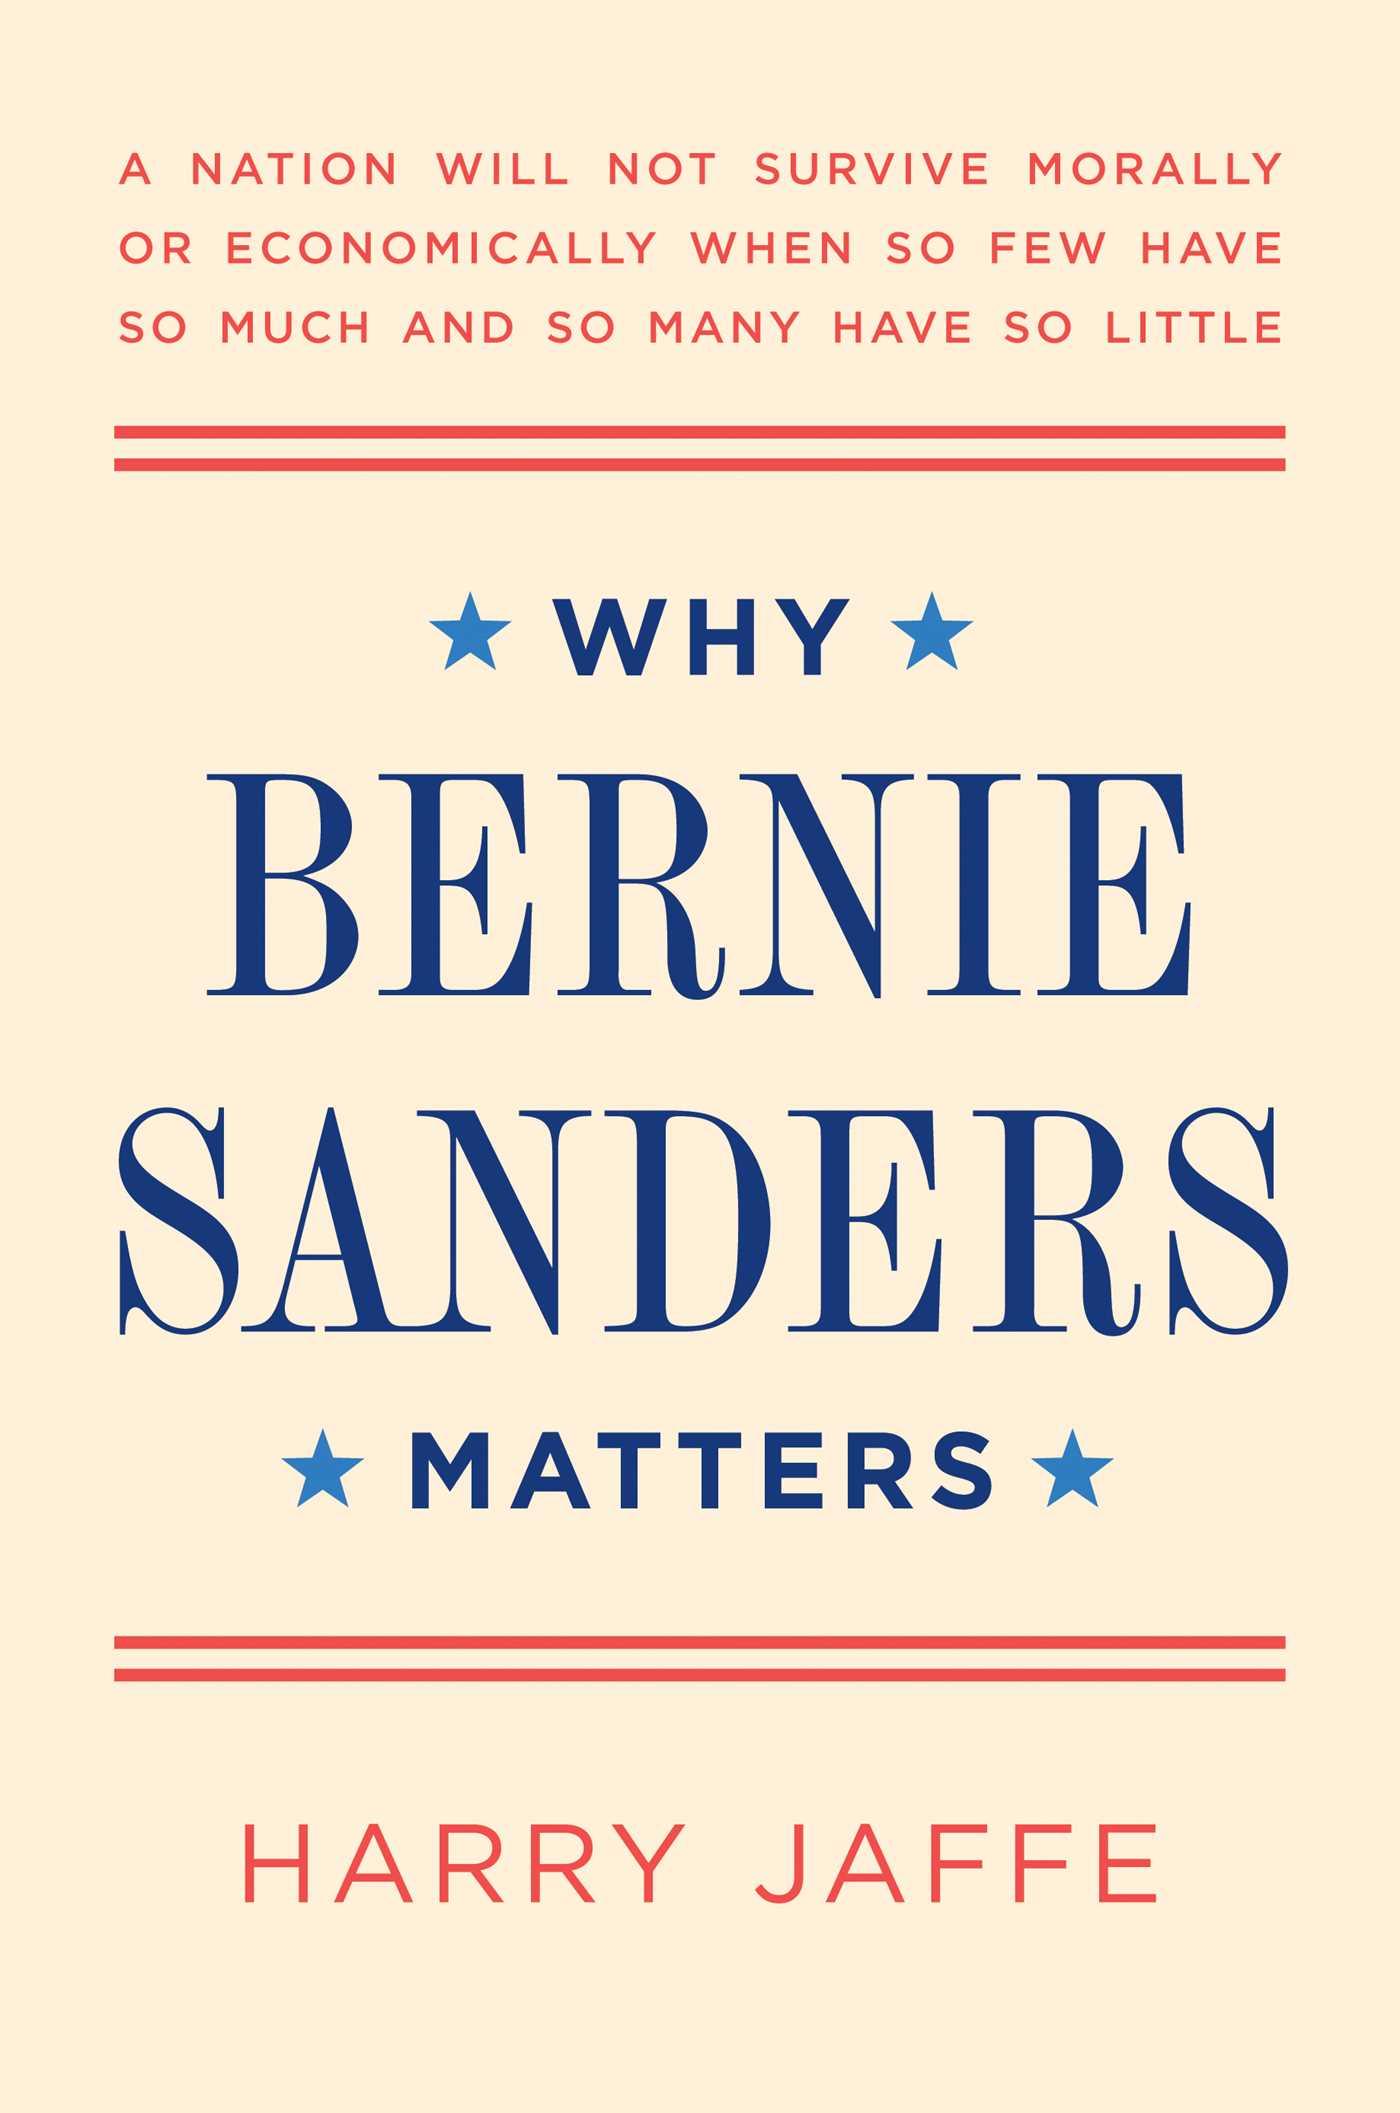 Why bernie sanders matters 9781682450185 hr